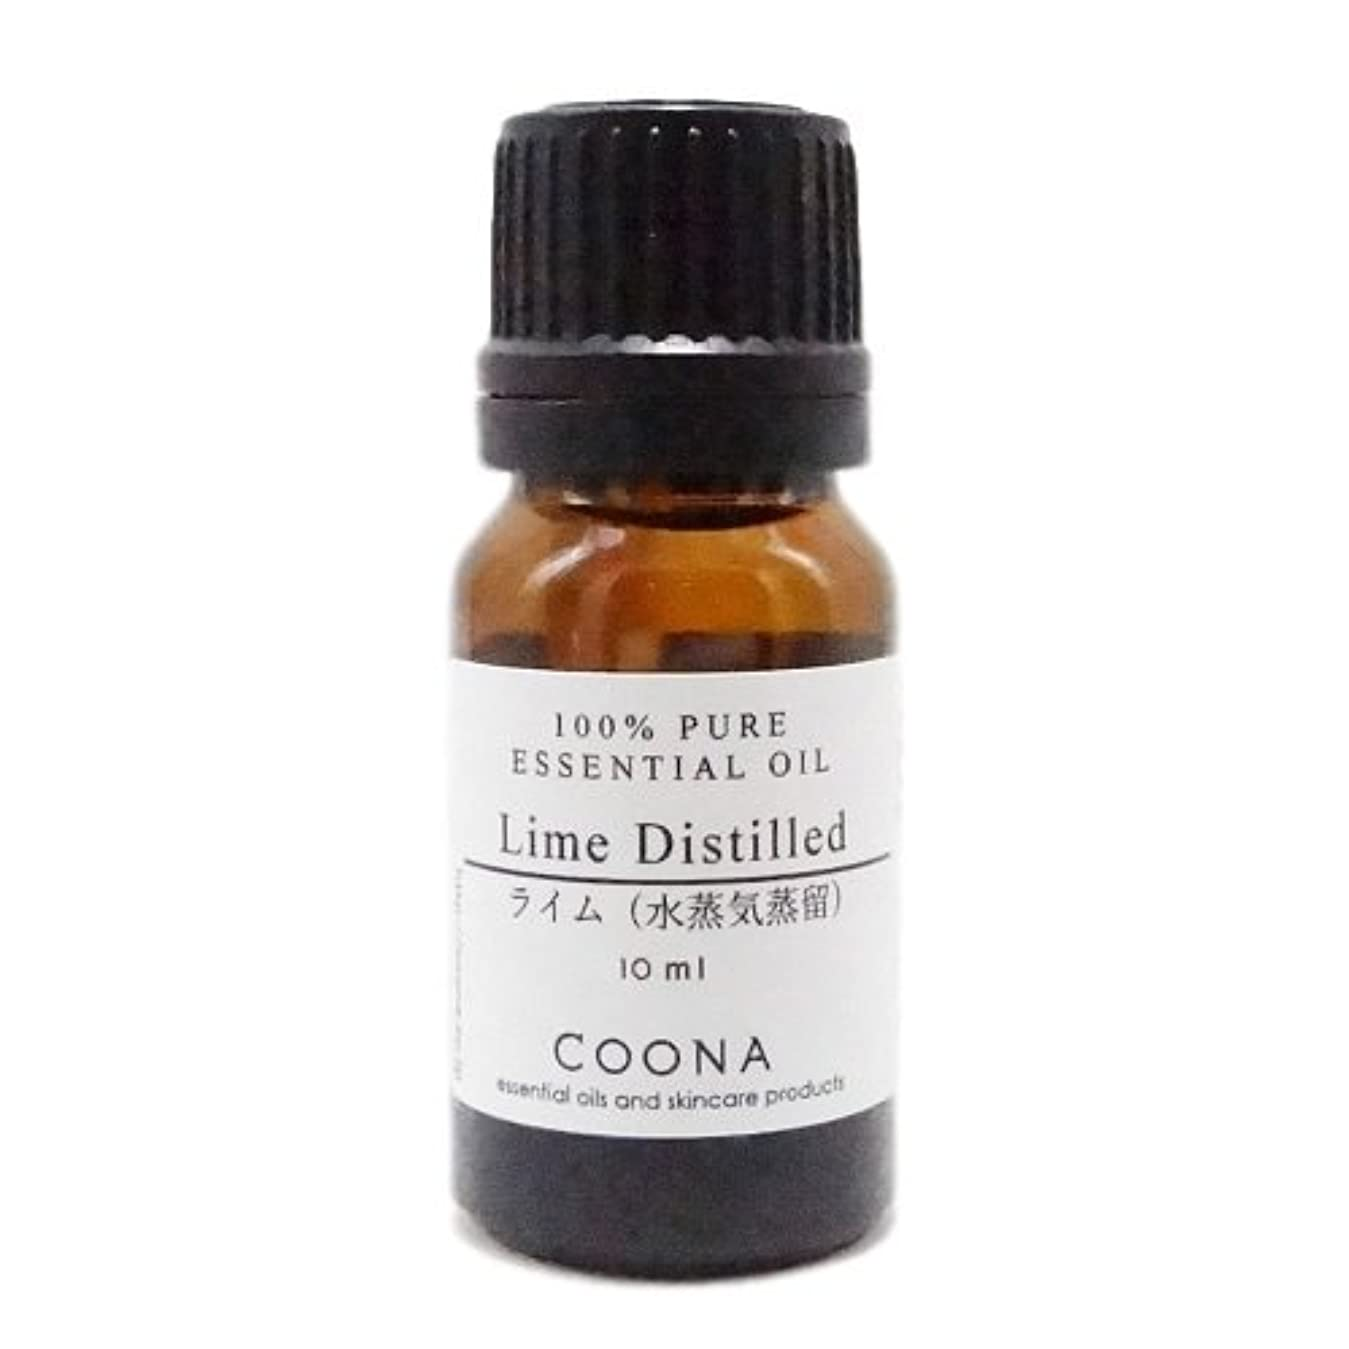 連邦レイプ笑ライム 水蒸気蒸留 10 ml (COONA エッセンシャルオイル アロマオイル 100%天然植物精油)